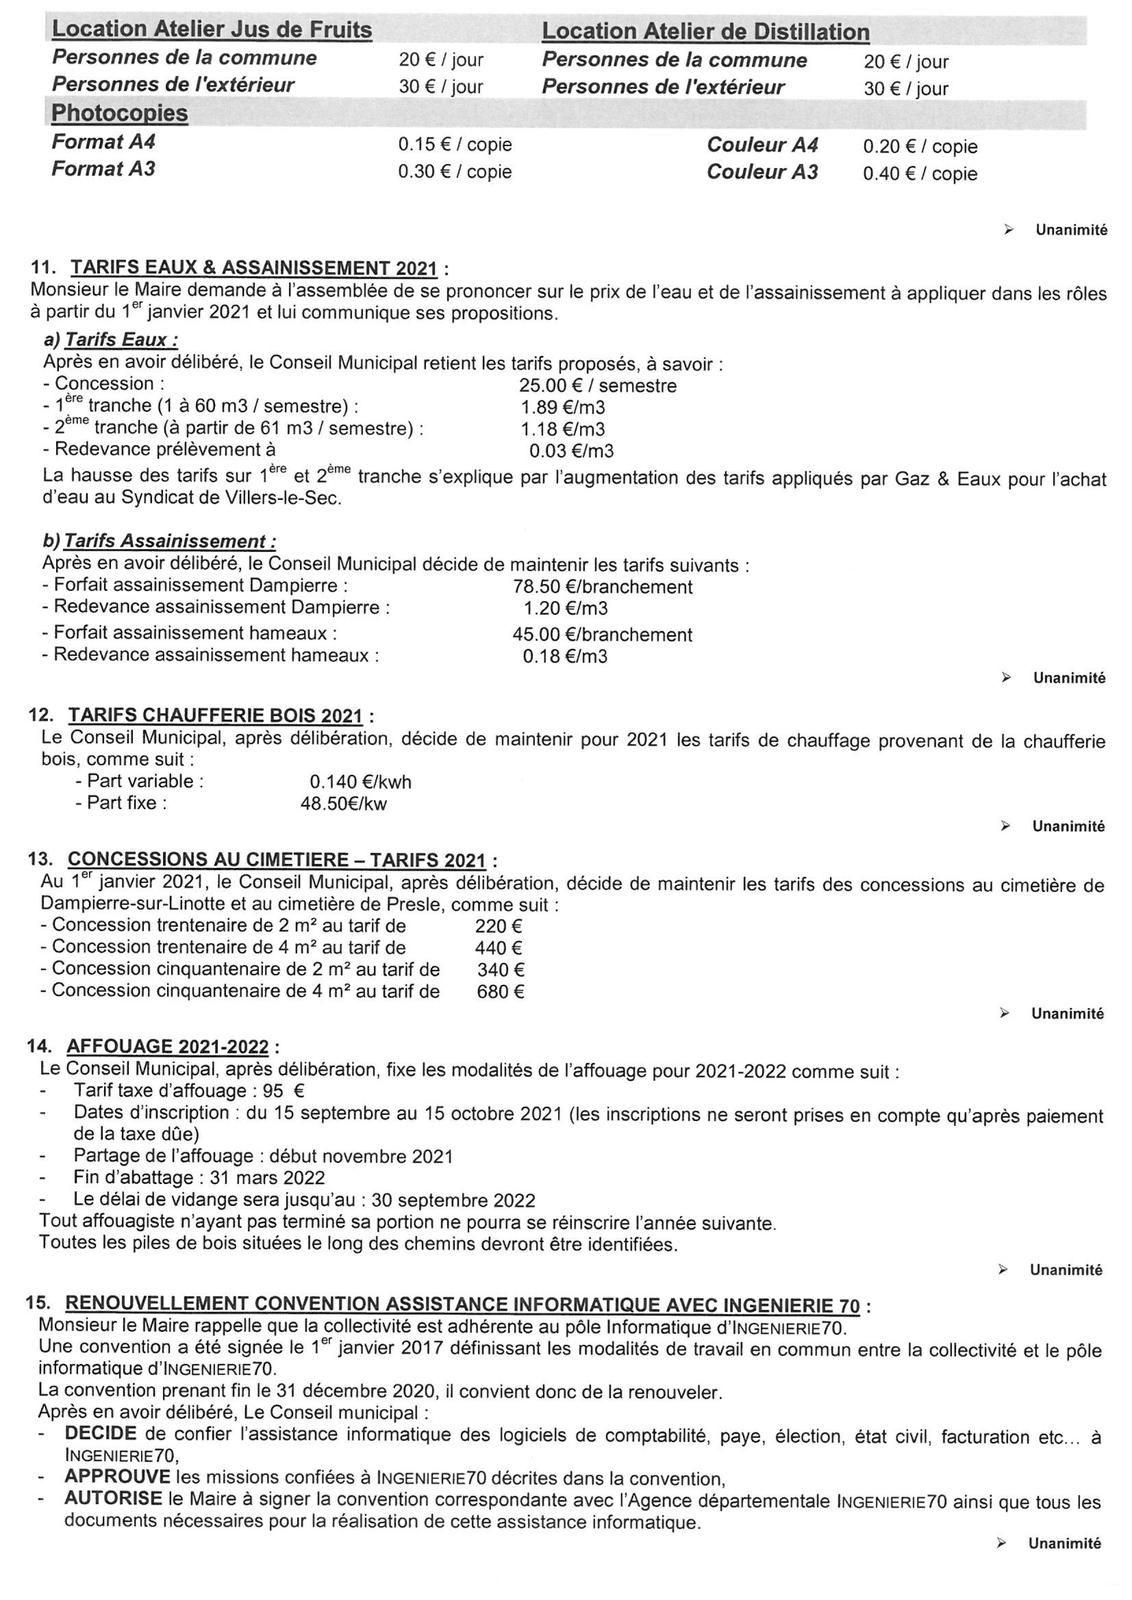 Compte-rendu Conseil Municipal du 14/12/2020